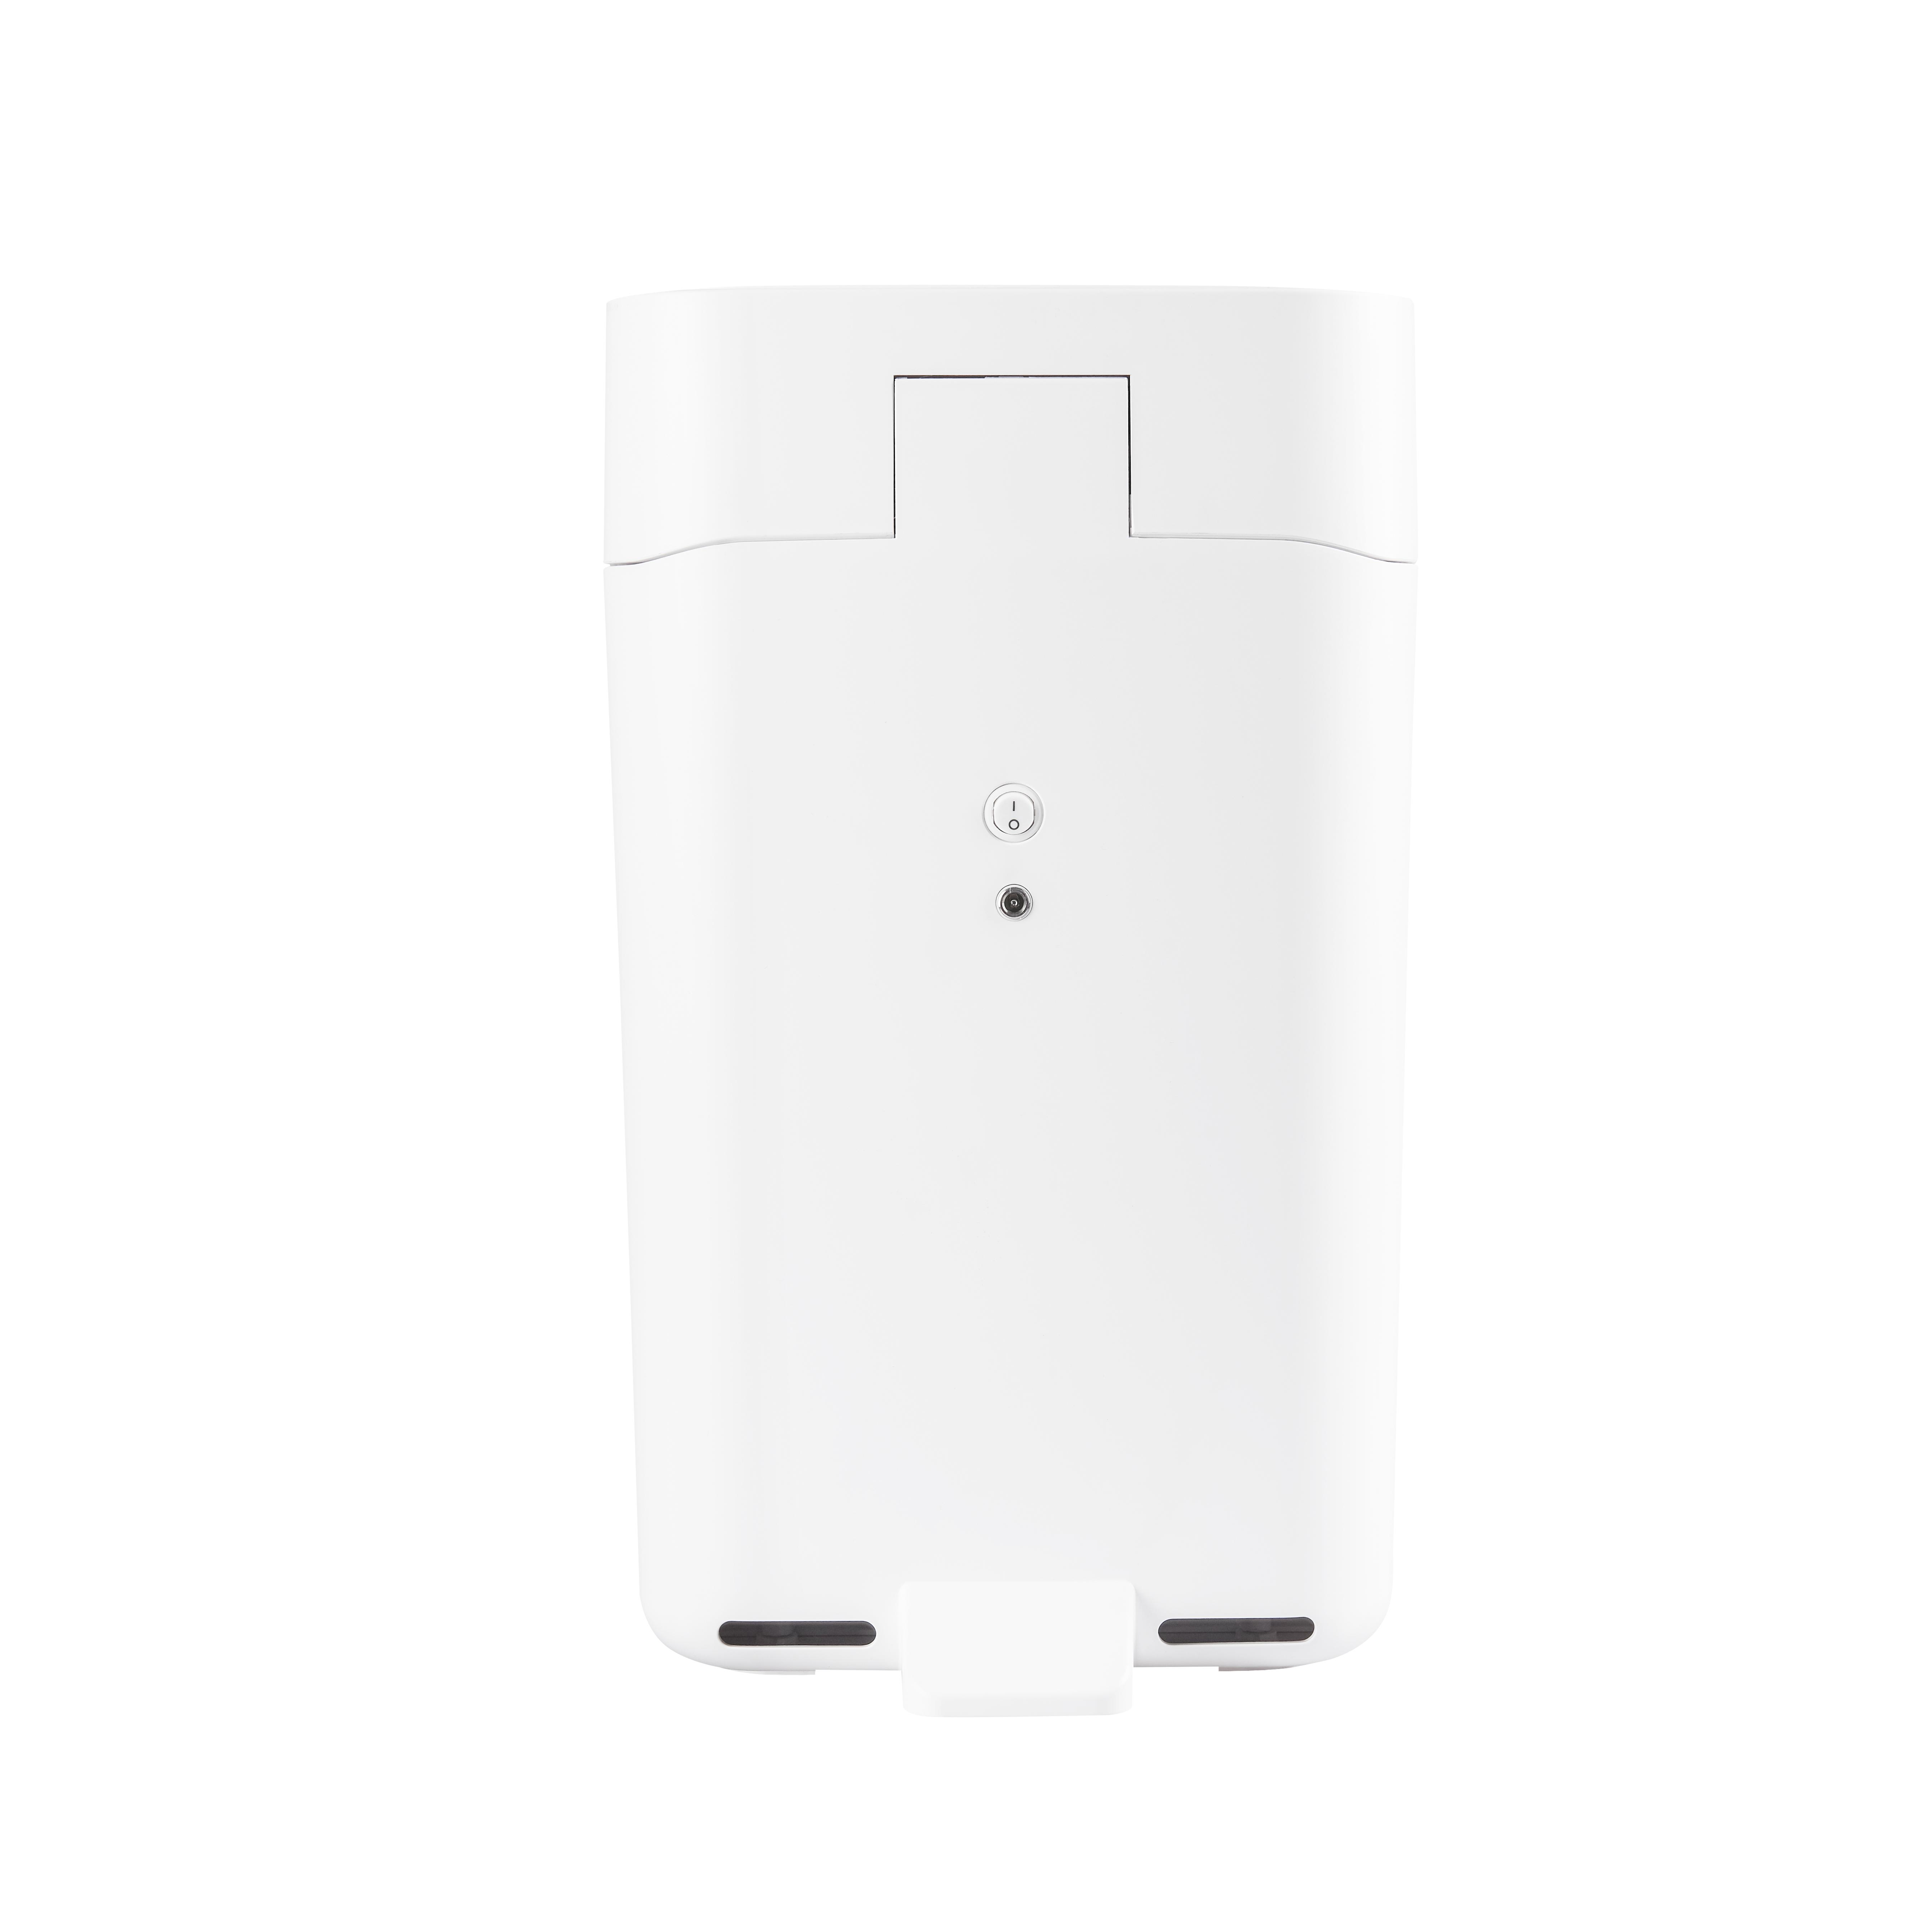 Townew Smart Trash Can T1S White ถังขยะอัจฉริยะใช้เทคโนโลยีการซีลและเปลี่ยนถุงขยะอัตโนมัติ